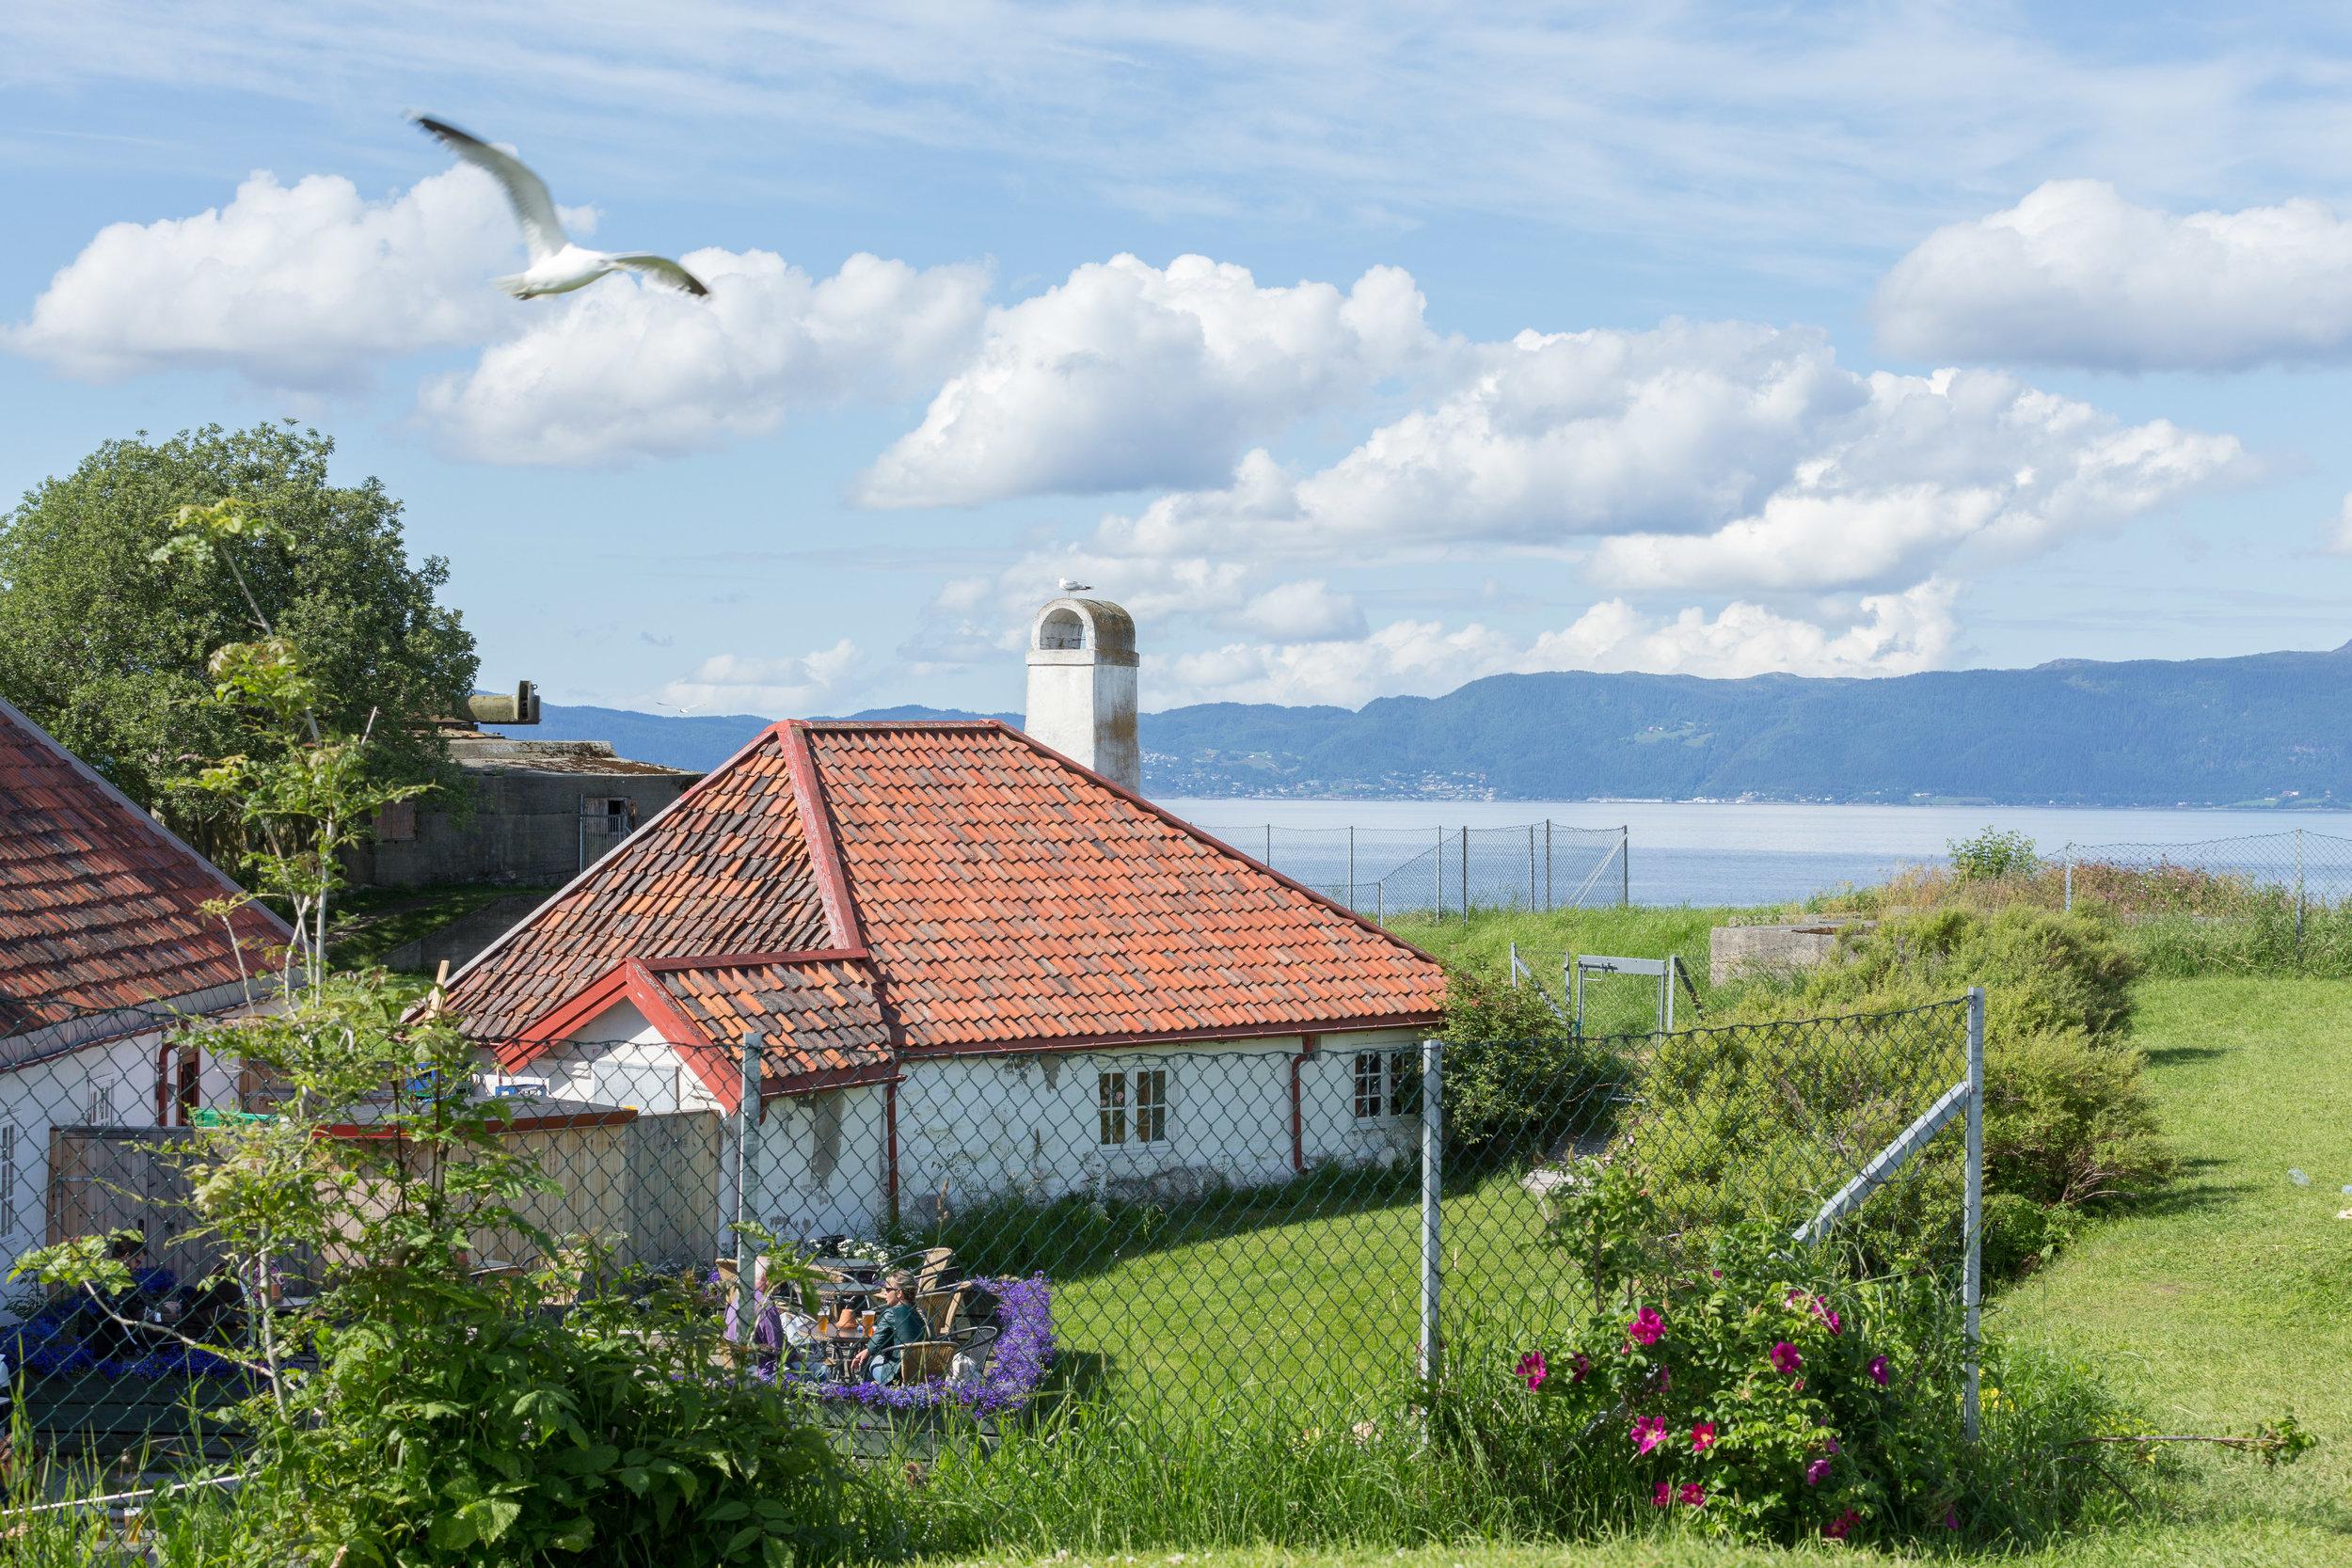 Tripps-båtservice-trondheim-norge-sightseeing-munkholmen-0977.jpg